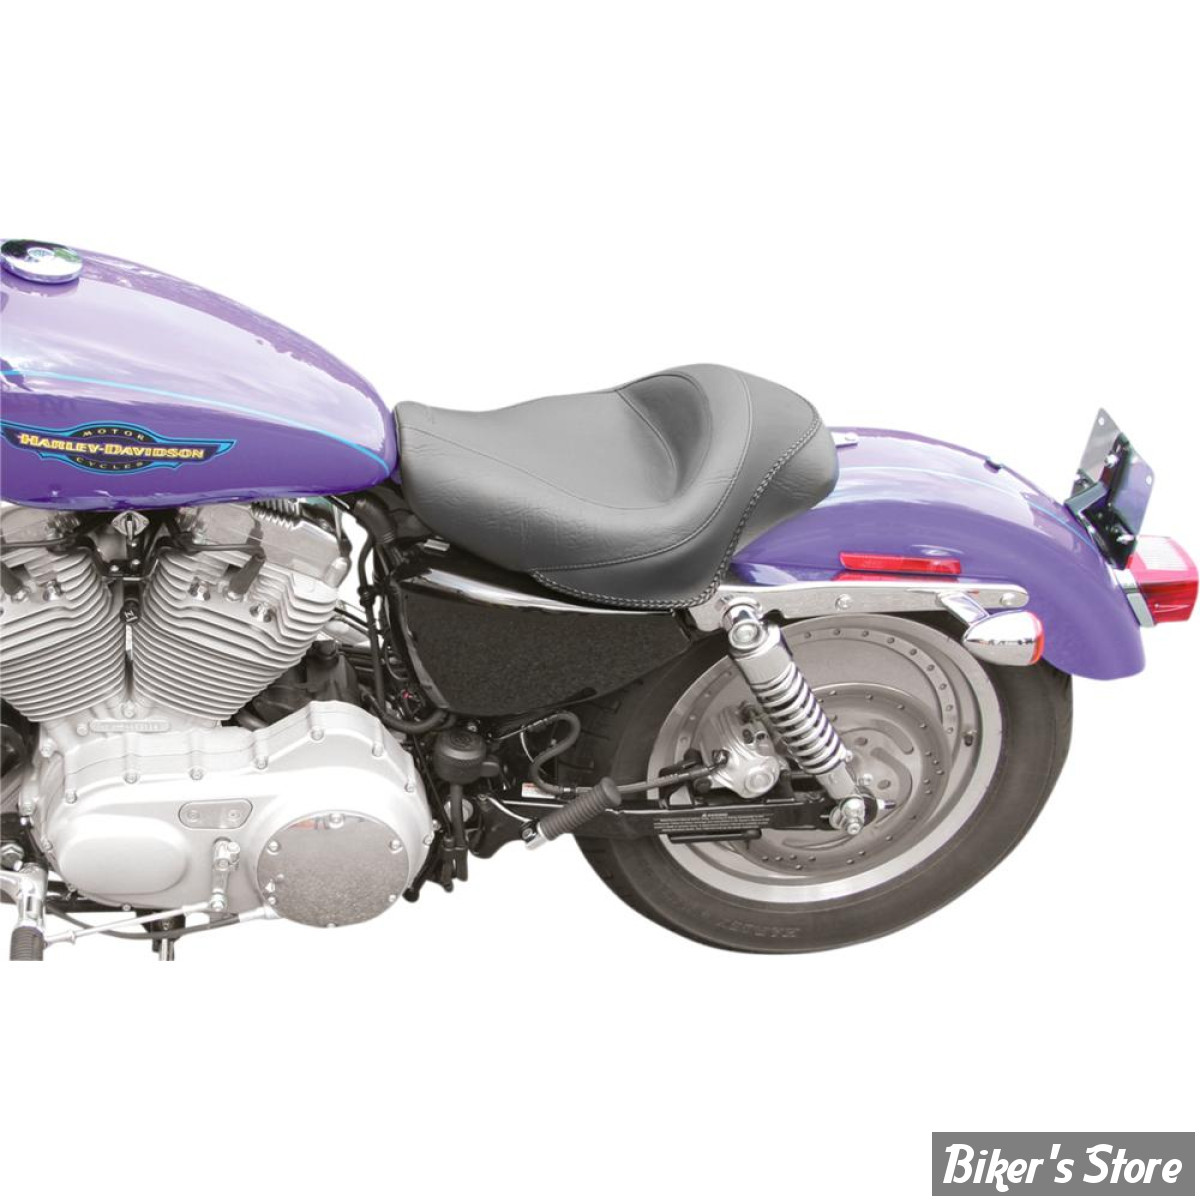 selle mustang sportster 04up vintage solo standard 12 5 76159 biker 39 s store. Black Bedroom Furniture Sets. Home Design Ideas